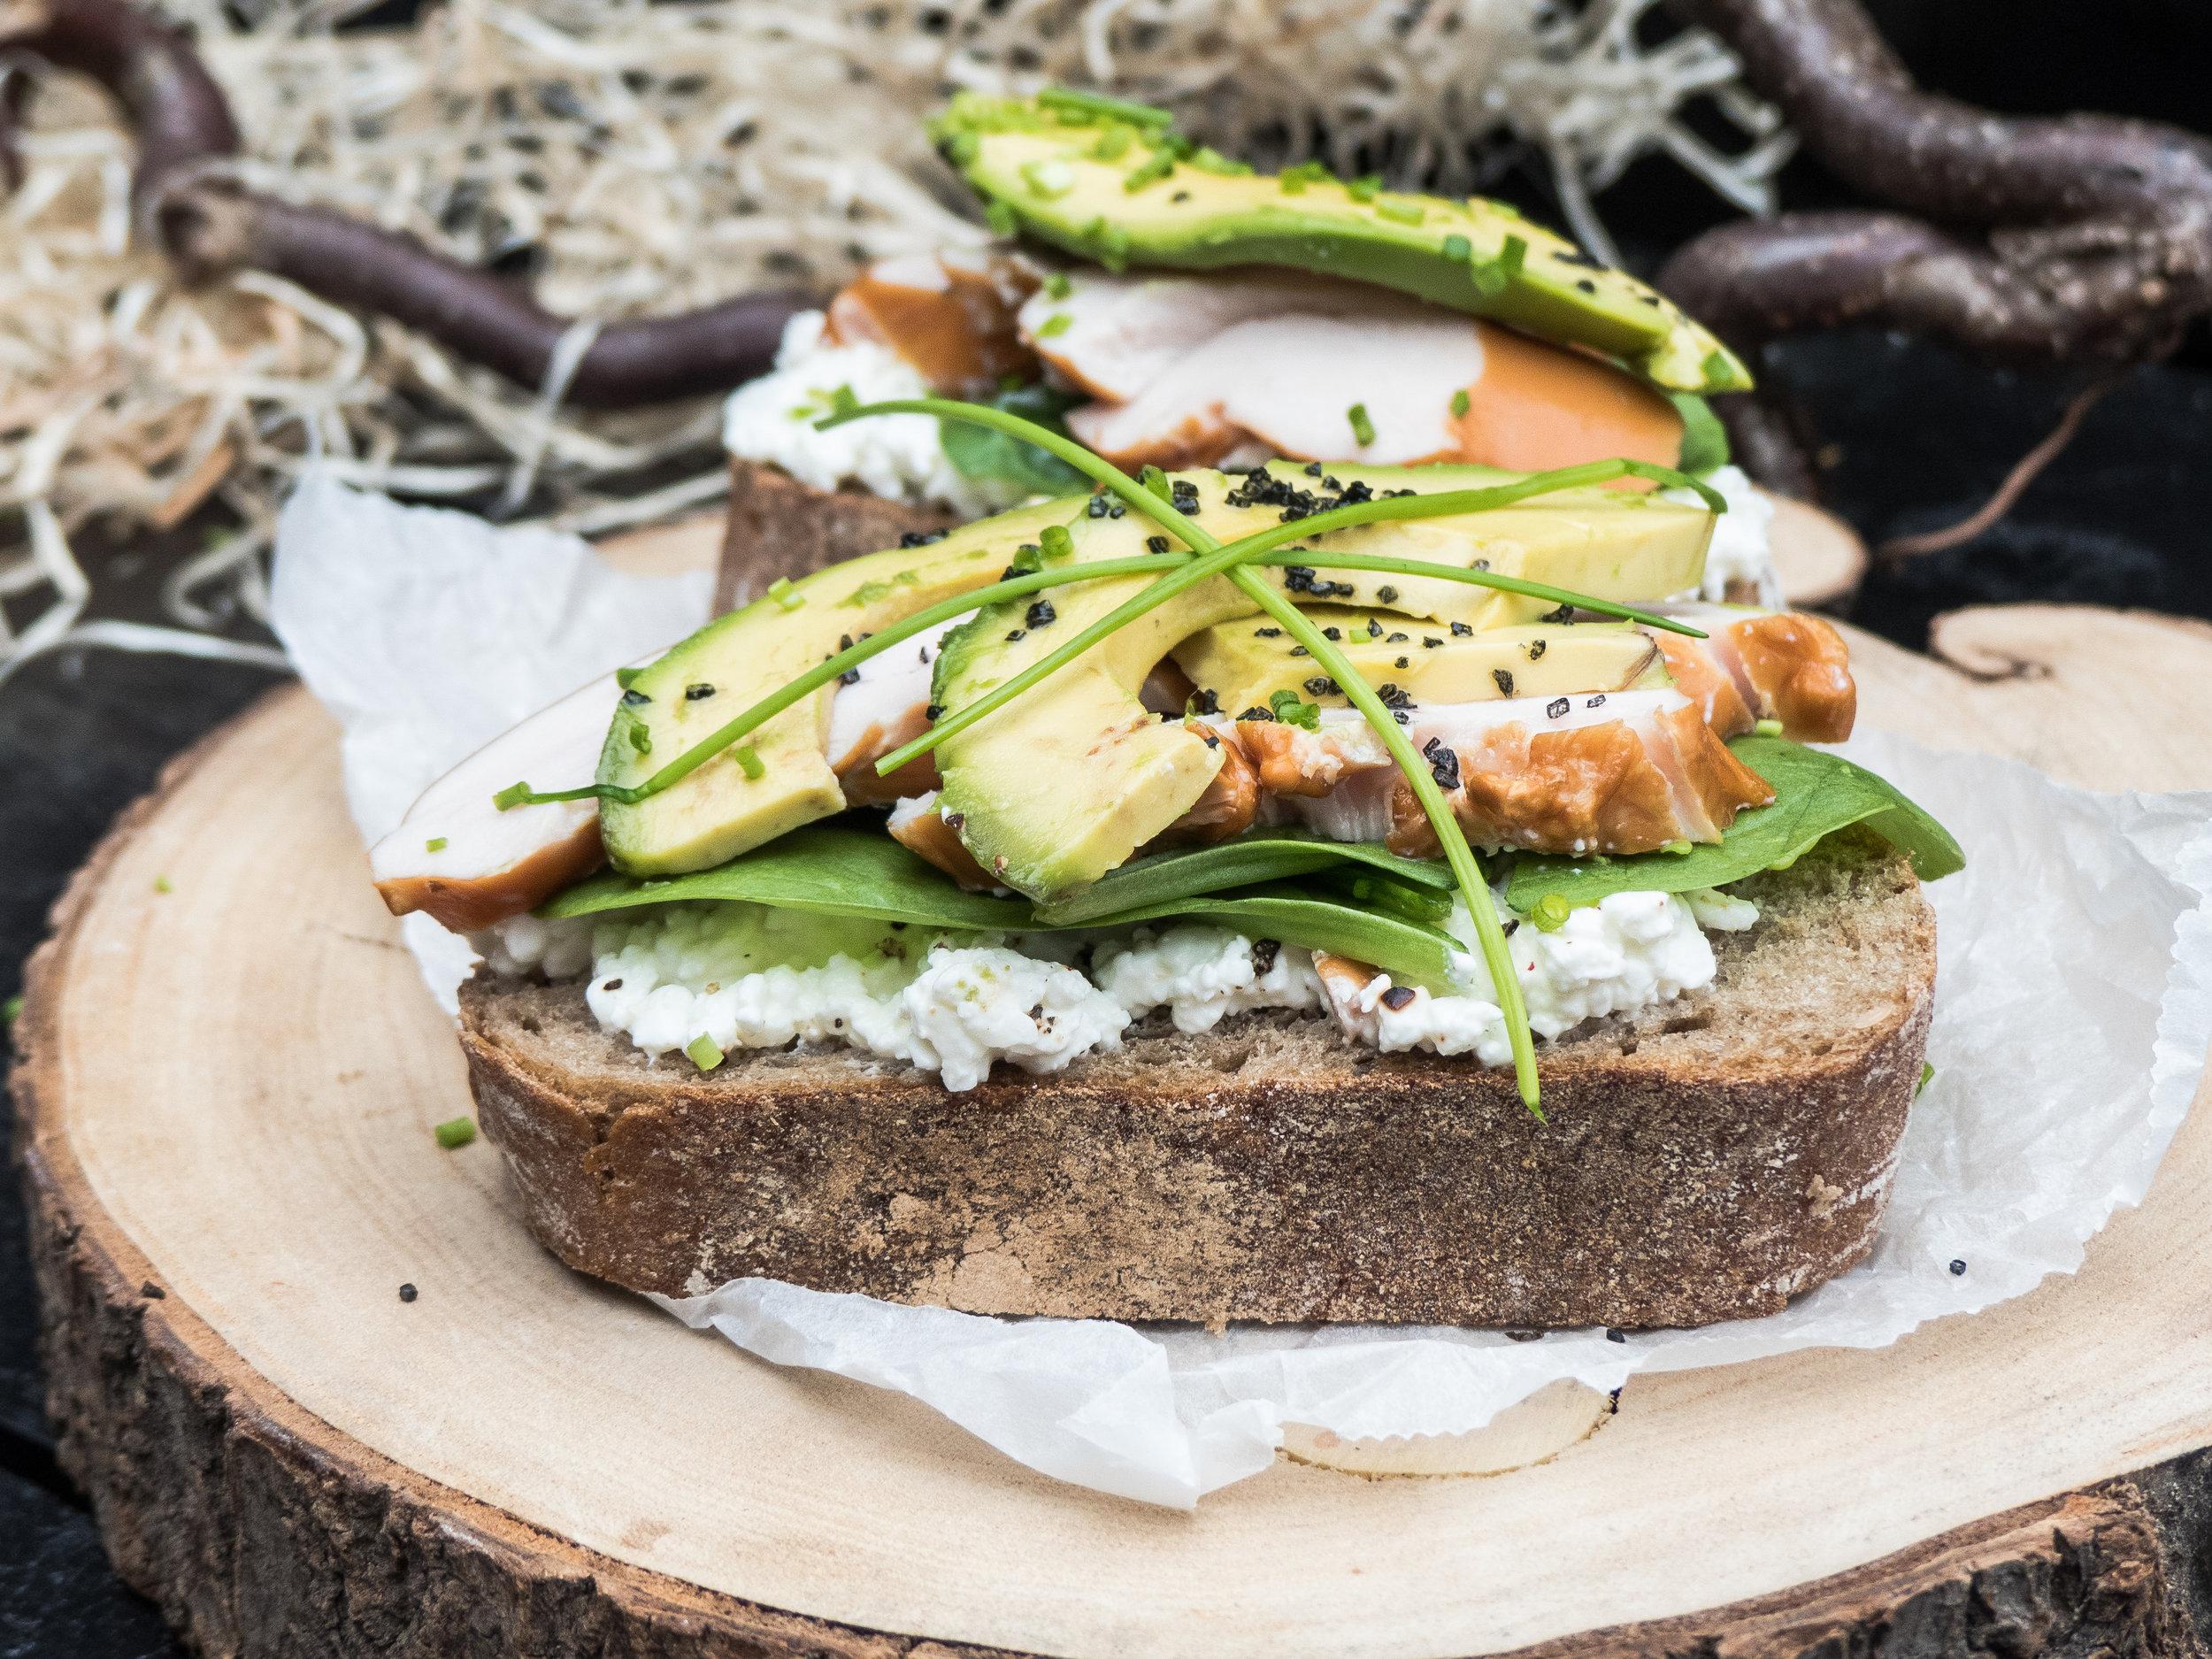 Gerookte kip, cottage cheese & avocado op landbrood21.jpg